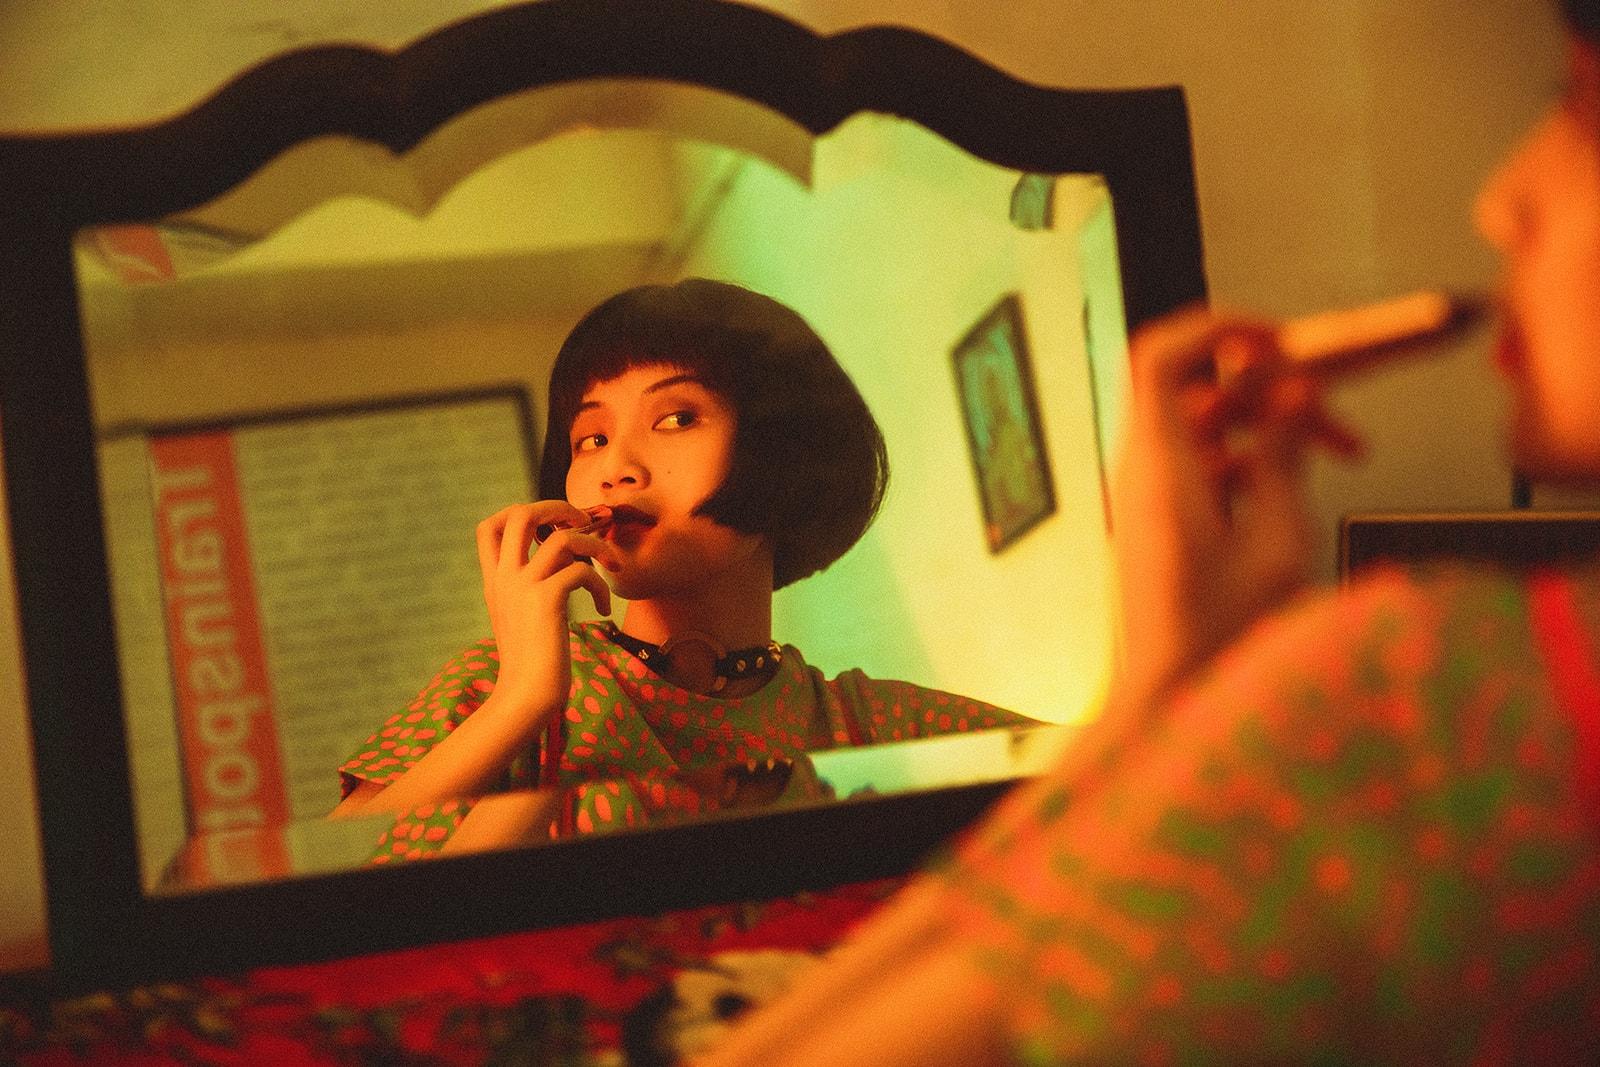 兇月萬聖節 #2 -《回魂夜》是香港喜劇當中最被低估的作品?